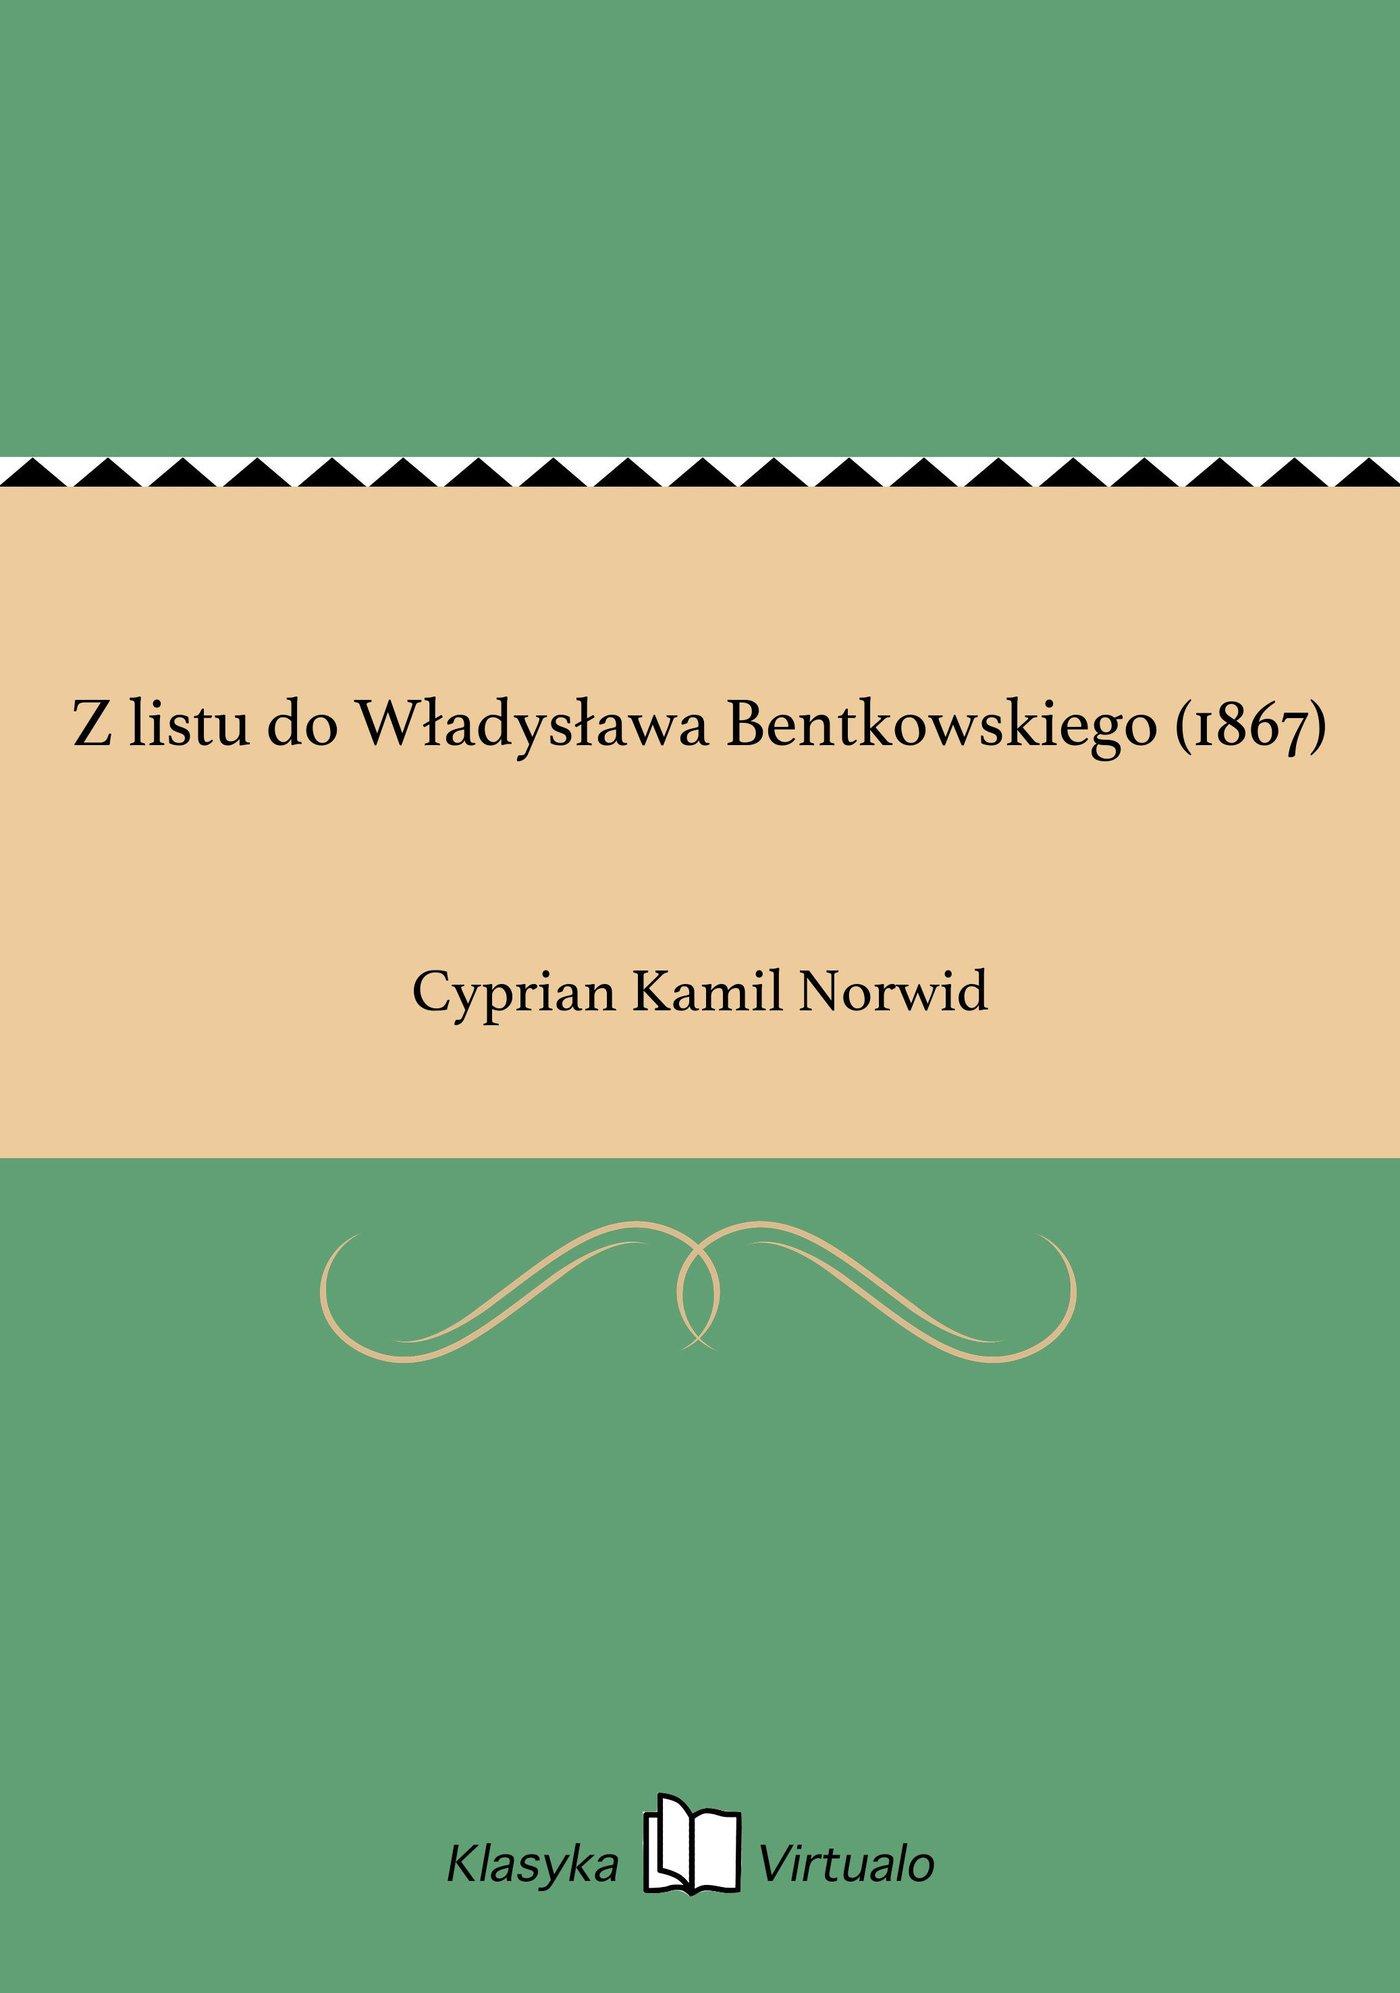 Z listu do Władysława Bentkowskiego (1867) - Ebook (Książka EPUB) do pobrania w formacie EPUB